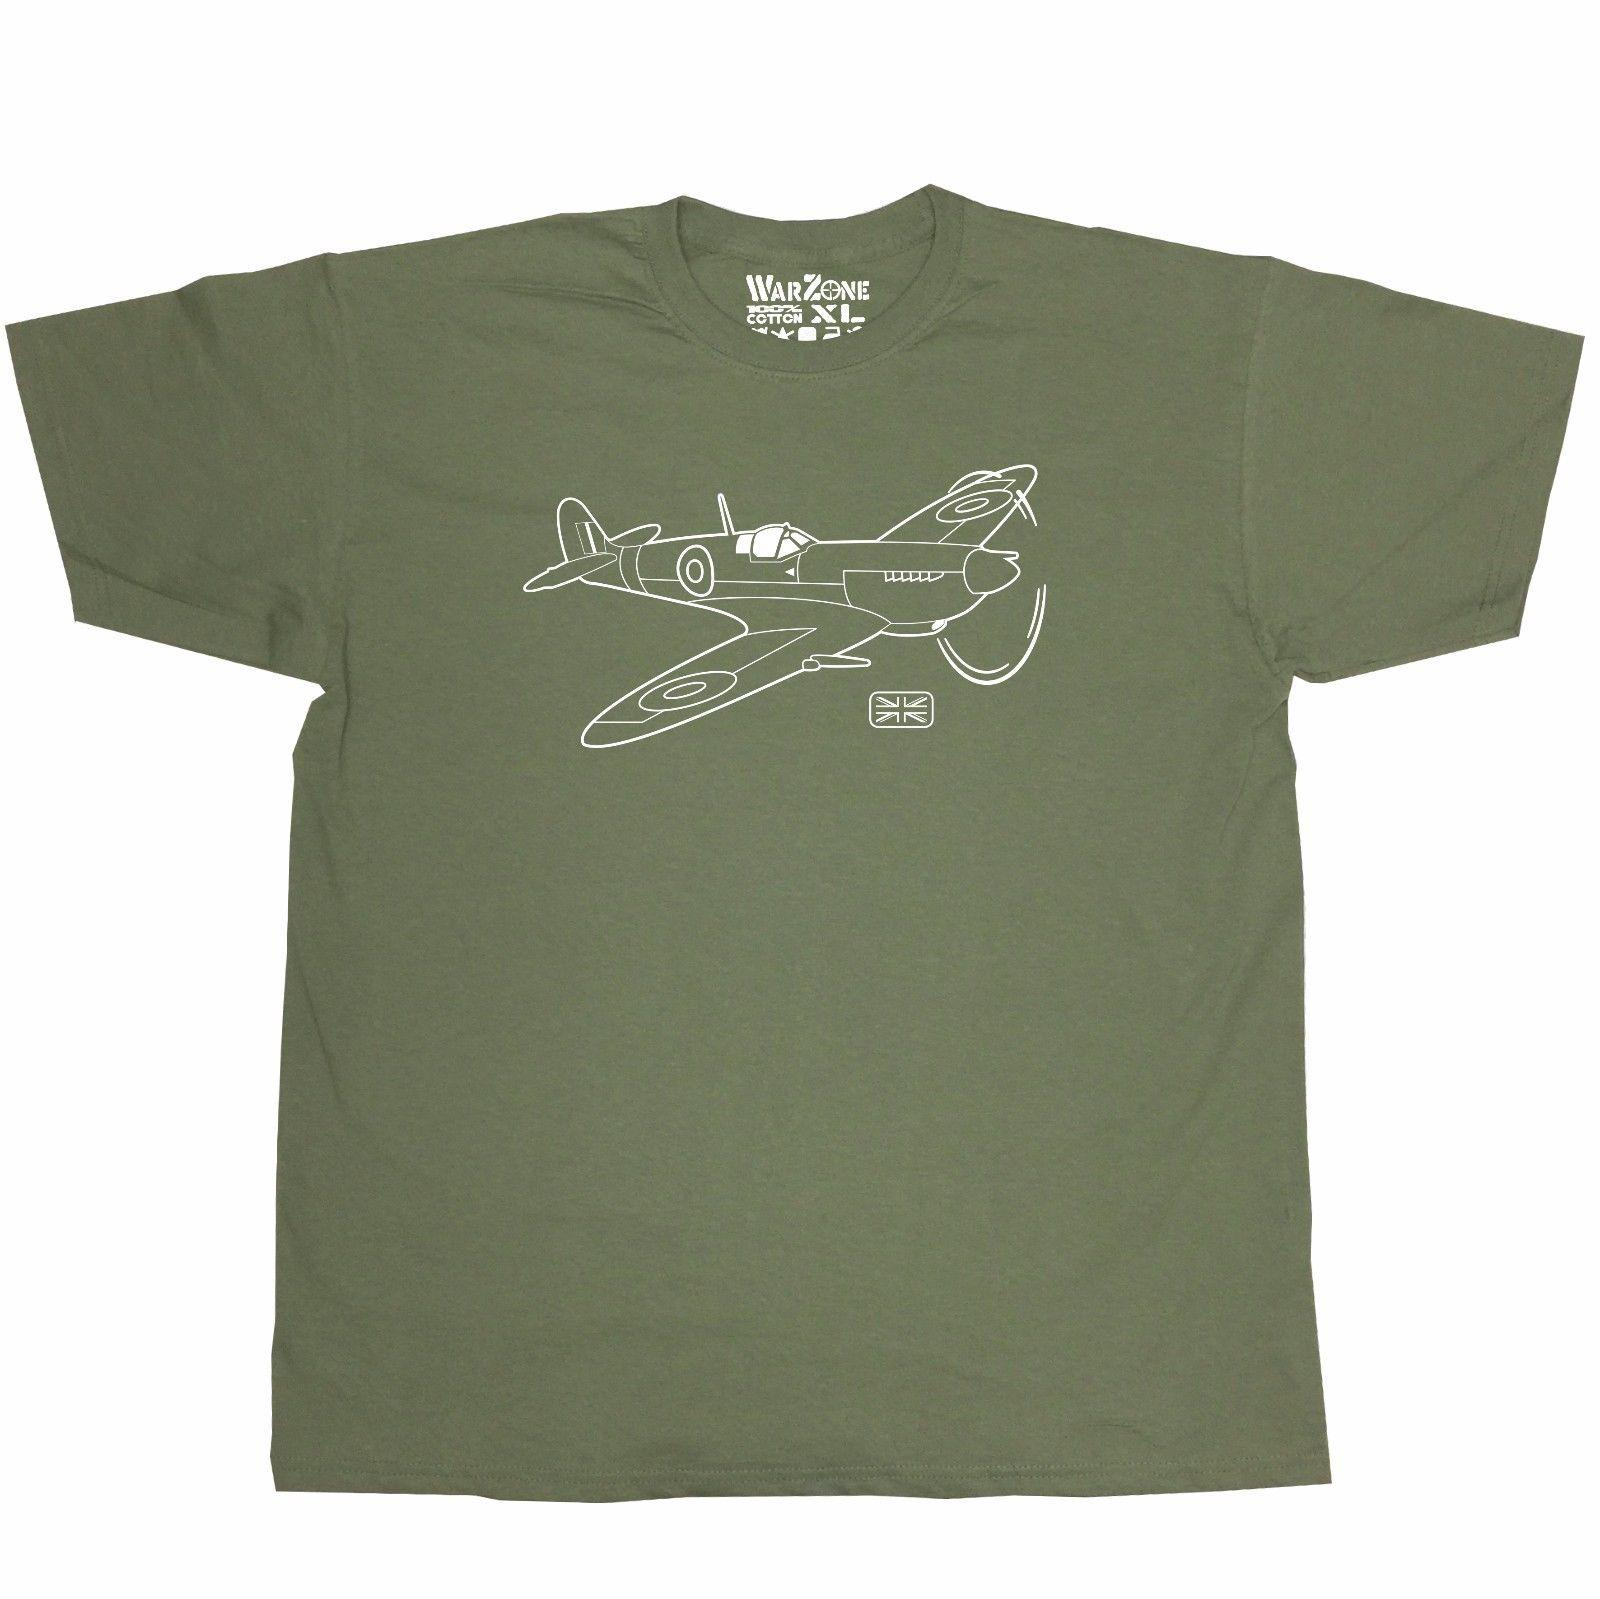 Homens Moda camiseta frete grátis Supermarine Spitfire Warzone Camiseta Raf Segunda Guerra Mundial 2 T-shirt Plano Verão